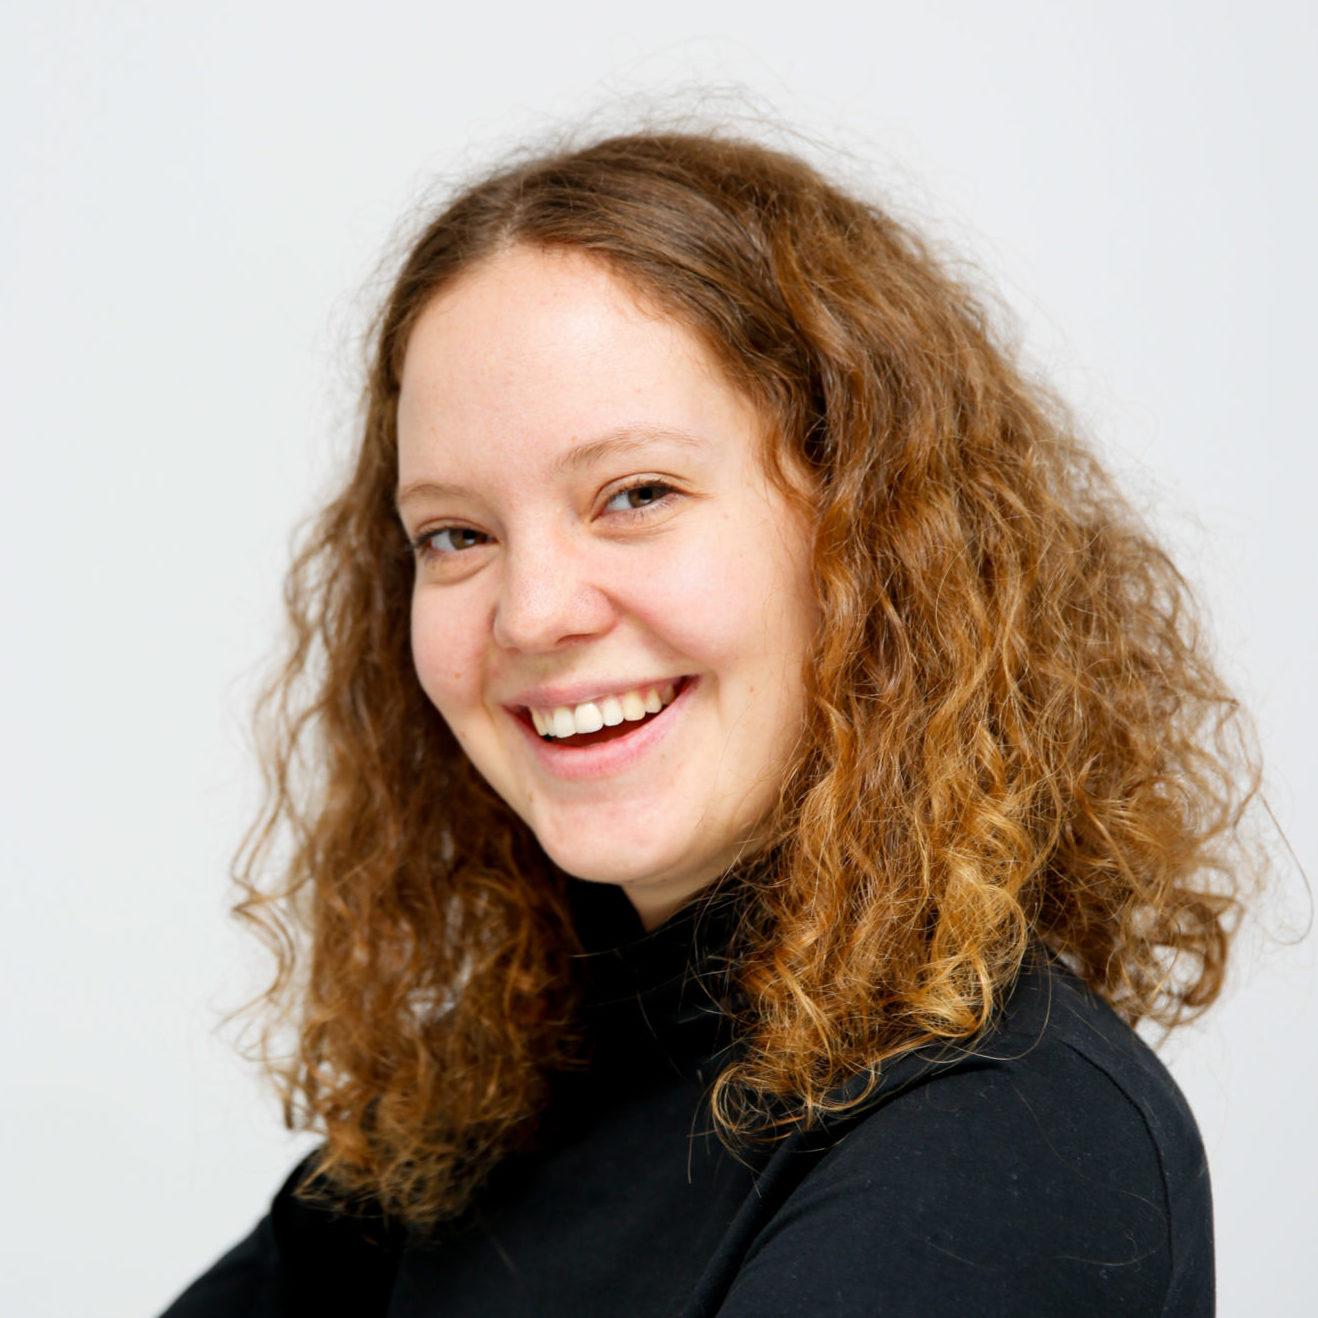 Sarah Schlecht